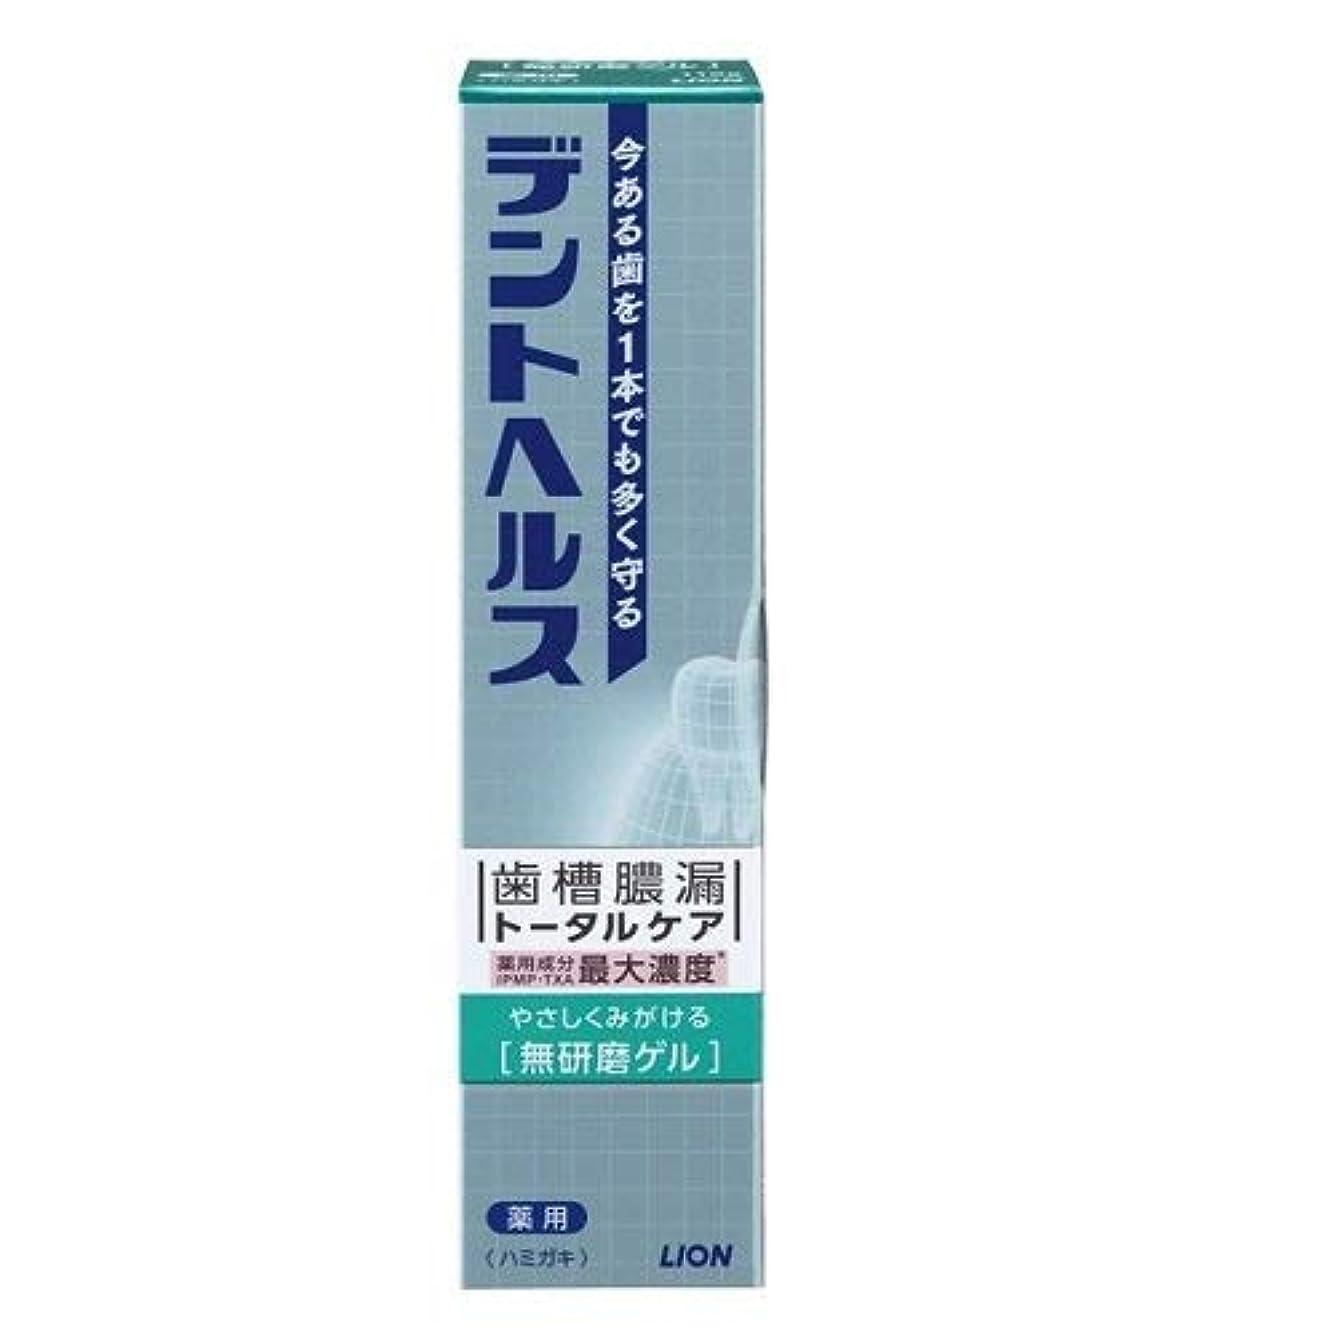 販売員バッチおもしろいライオン デントヘルス 薬用ハミガキ 無研磨ゲル 115g (医薬部外品)× 4